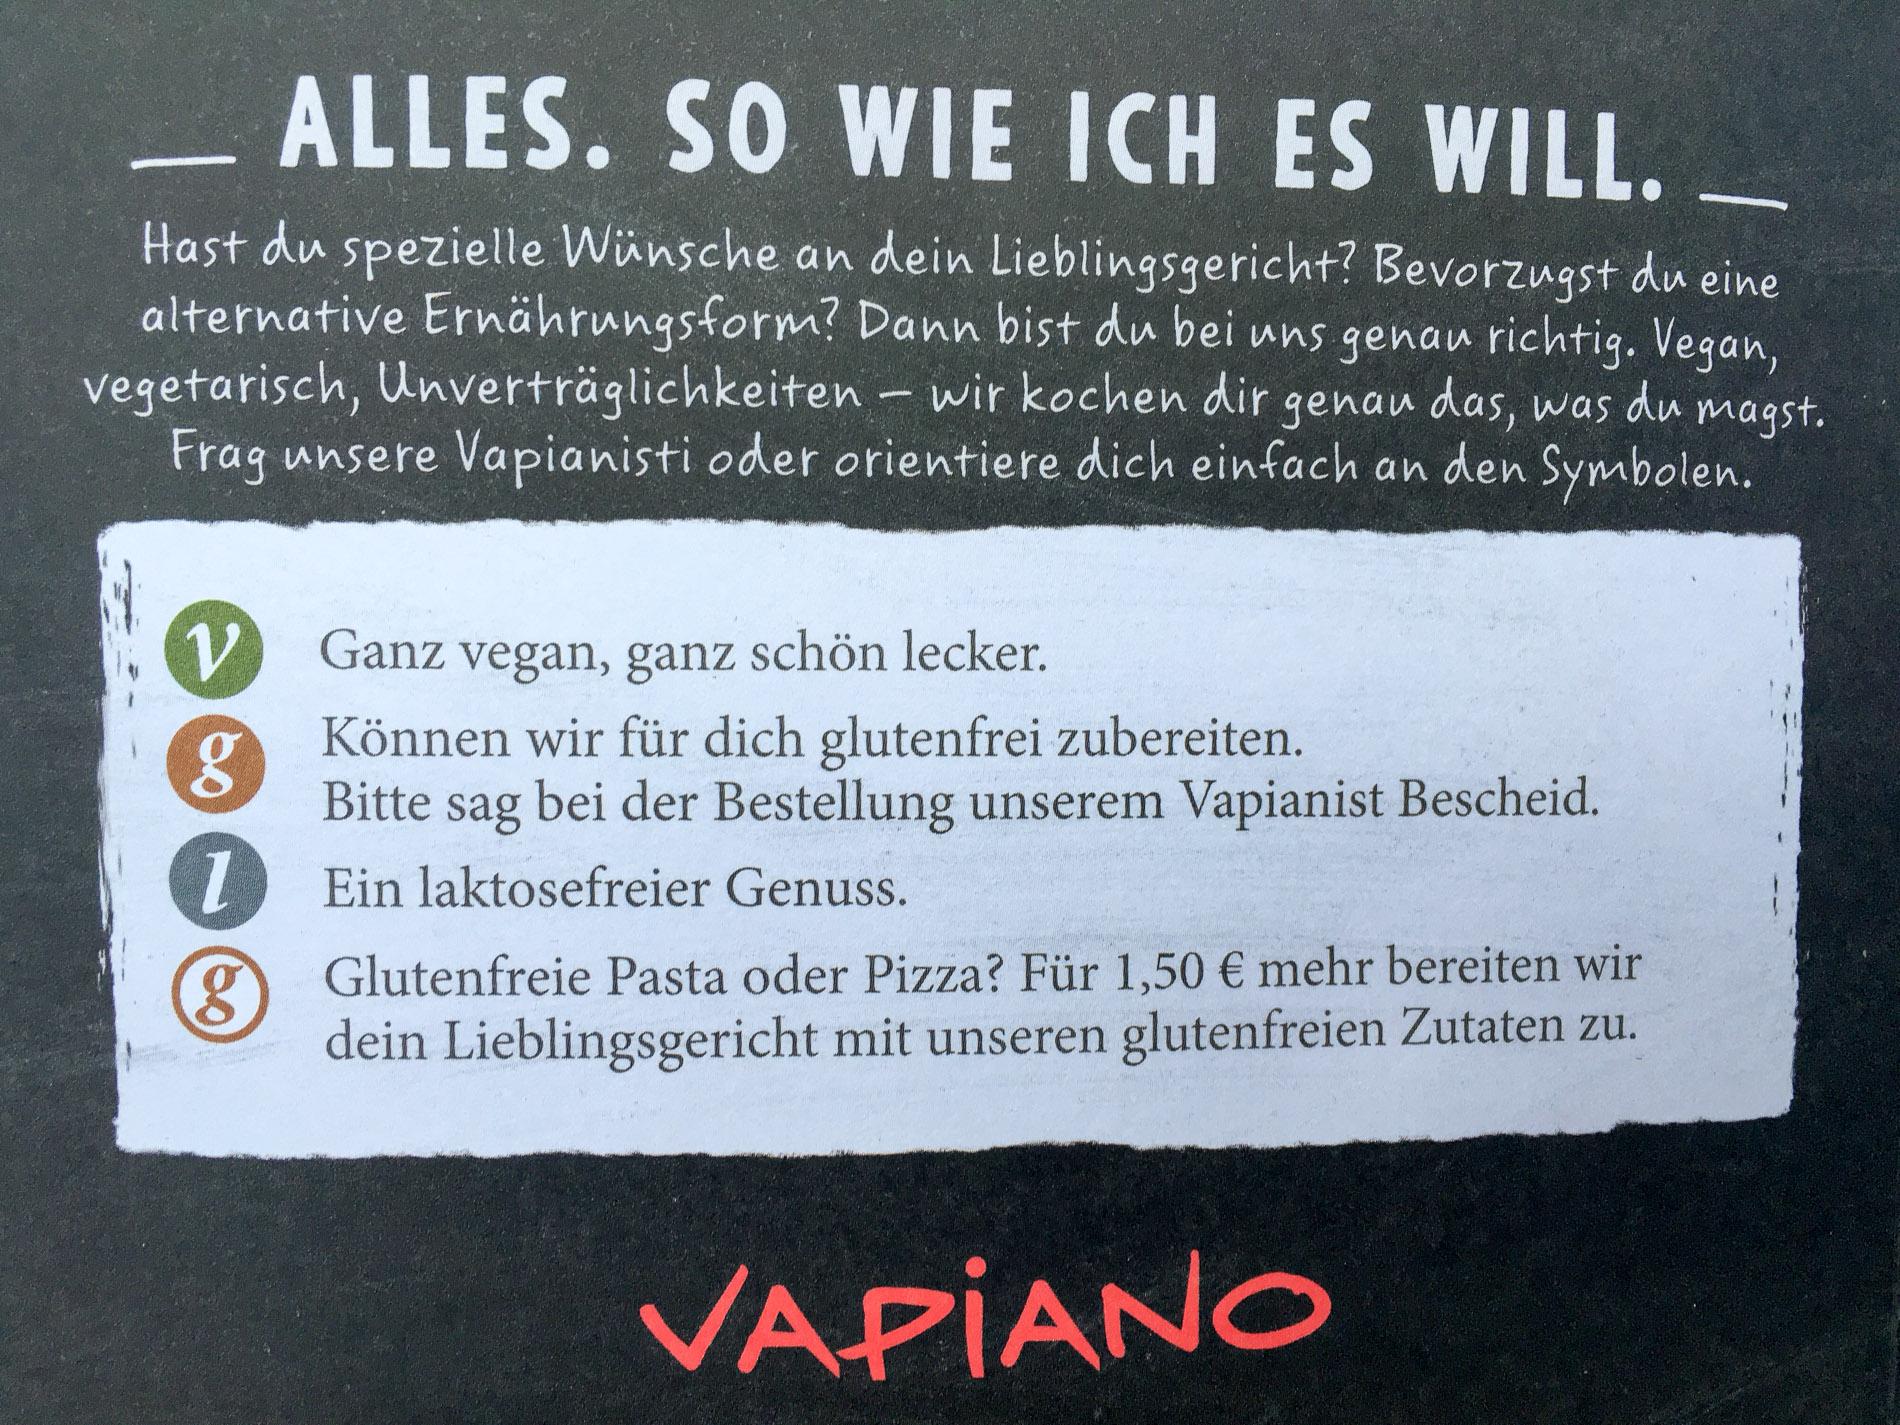 vapiano-glutenfreies-pizza-und-pasta-angebot-erfahrungsbericht2016-1-6